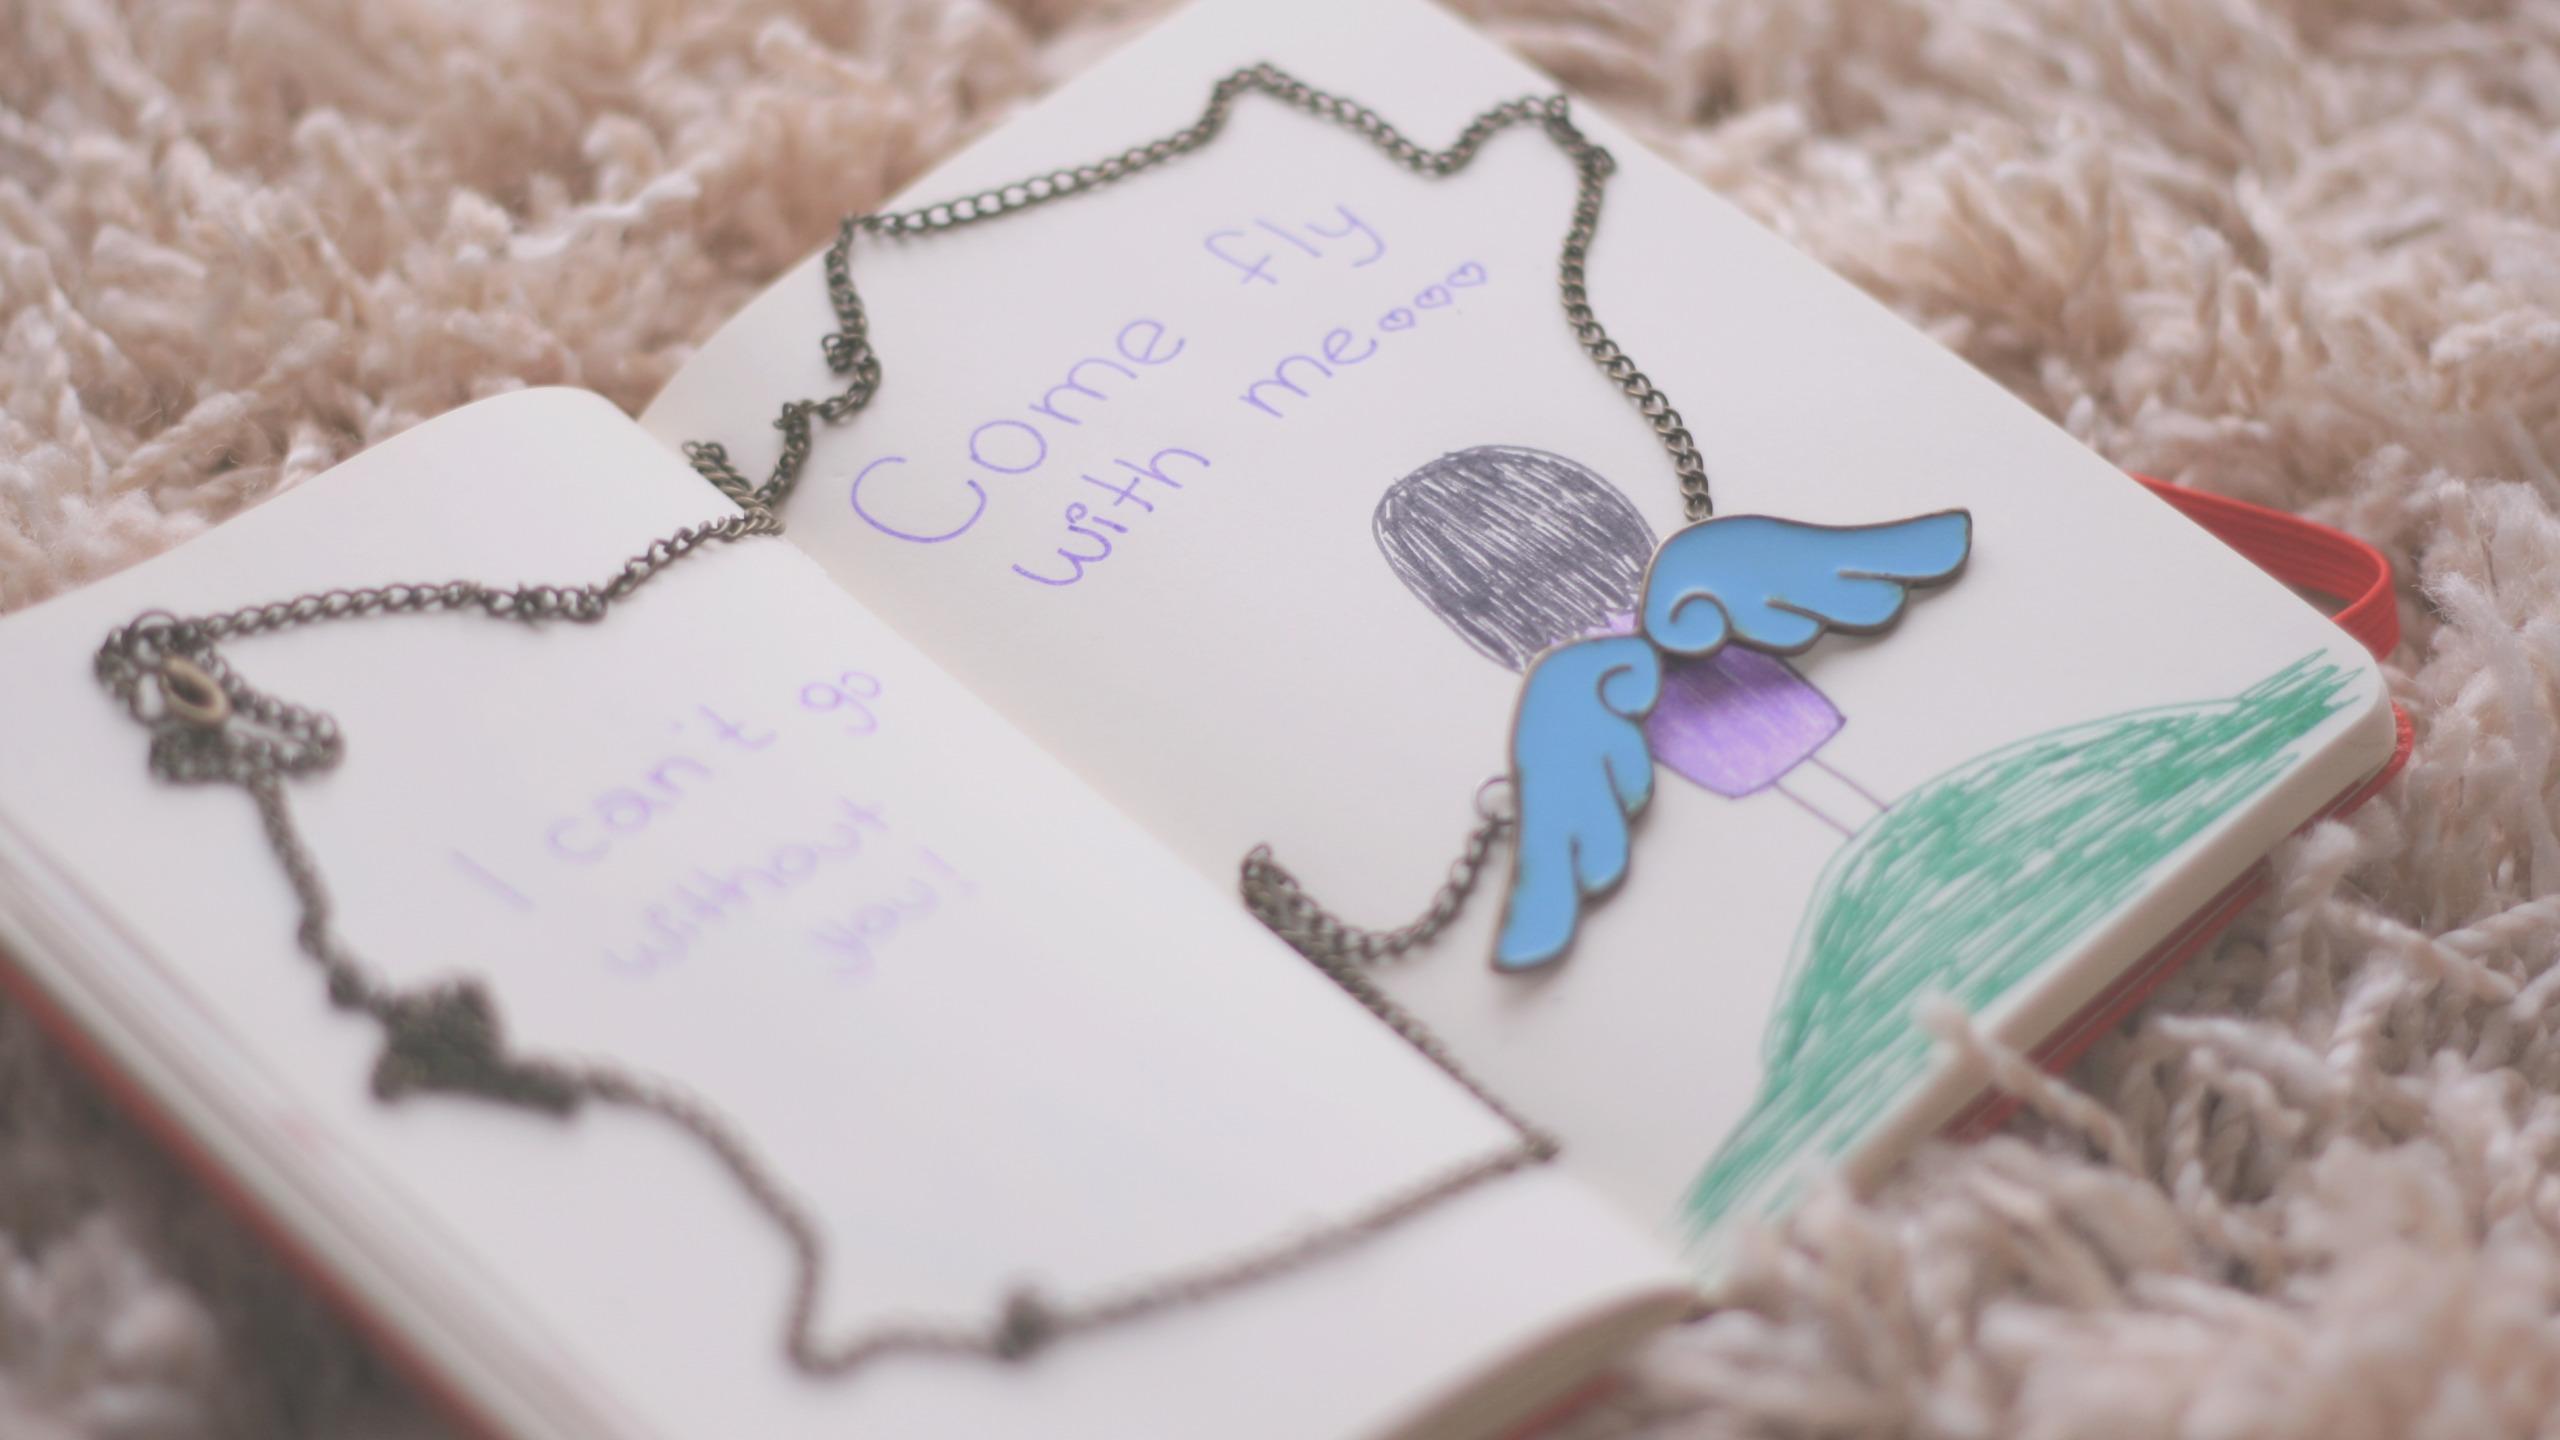 Украшение для личного дневника фото